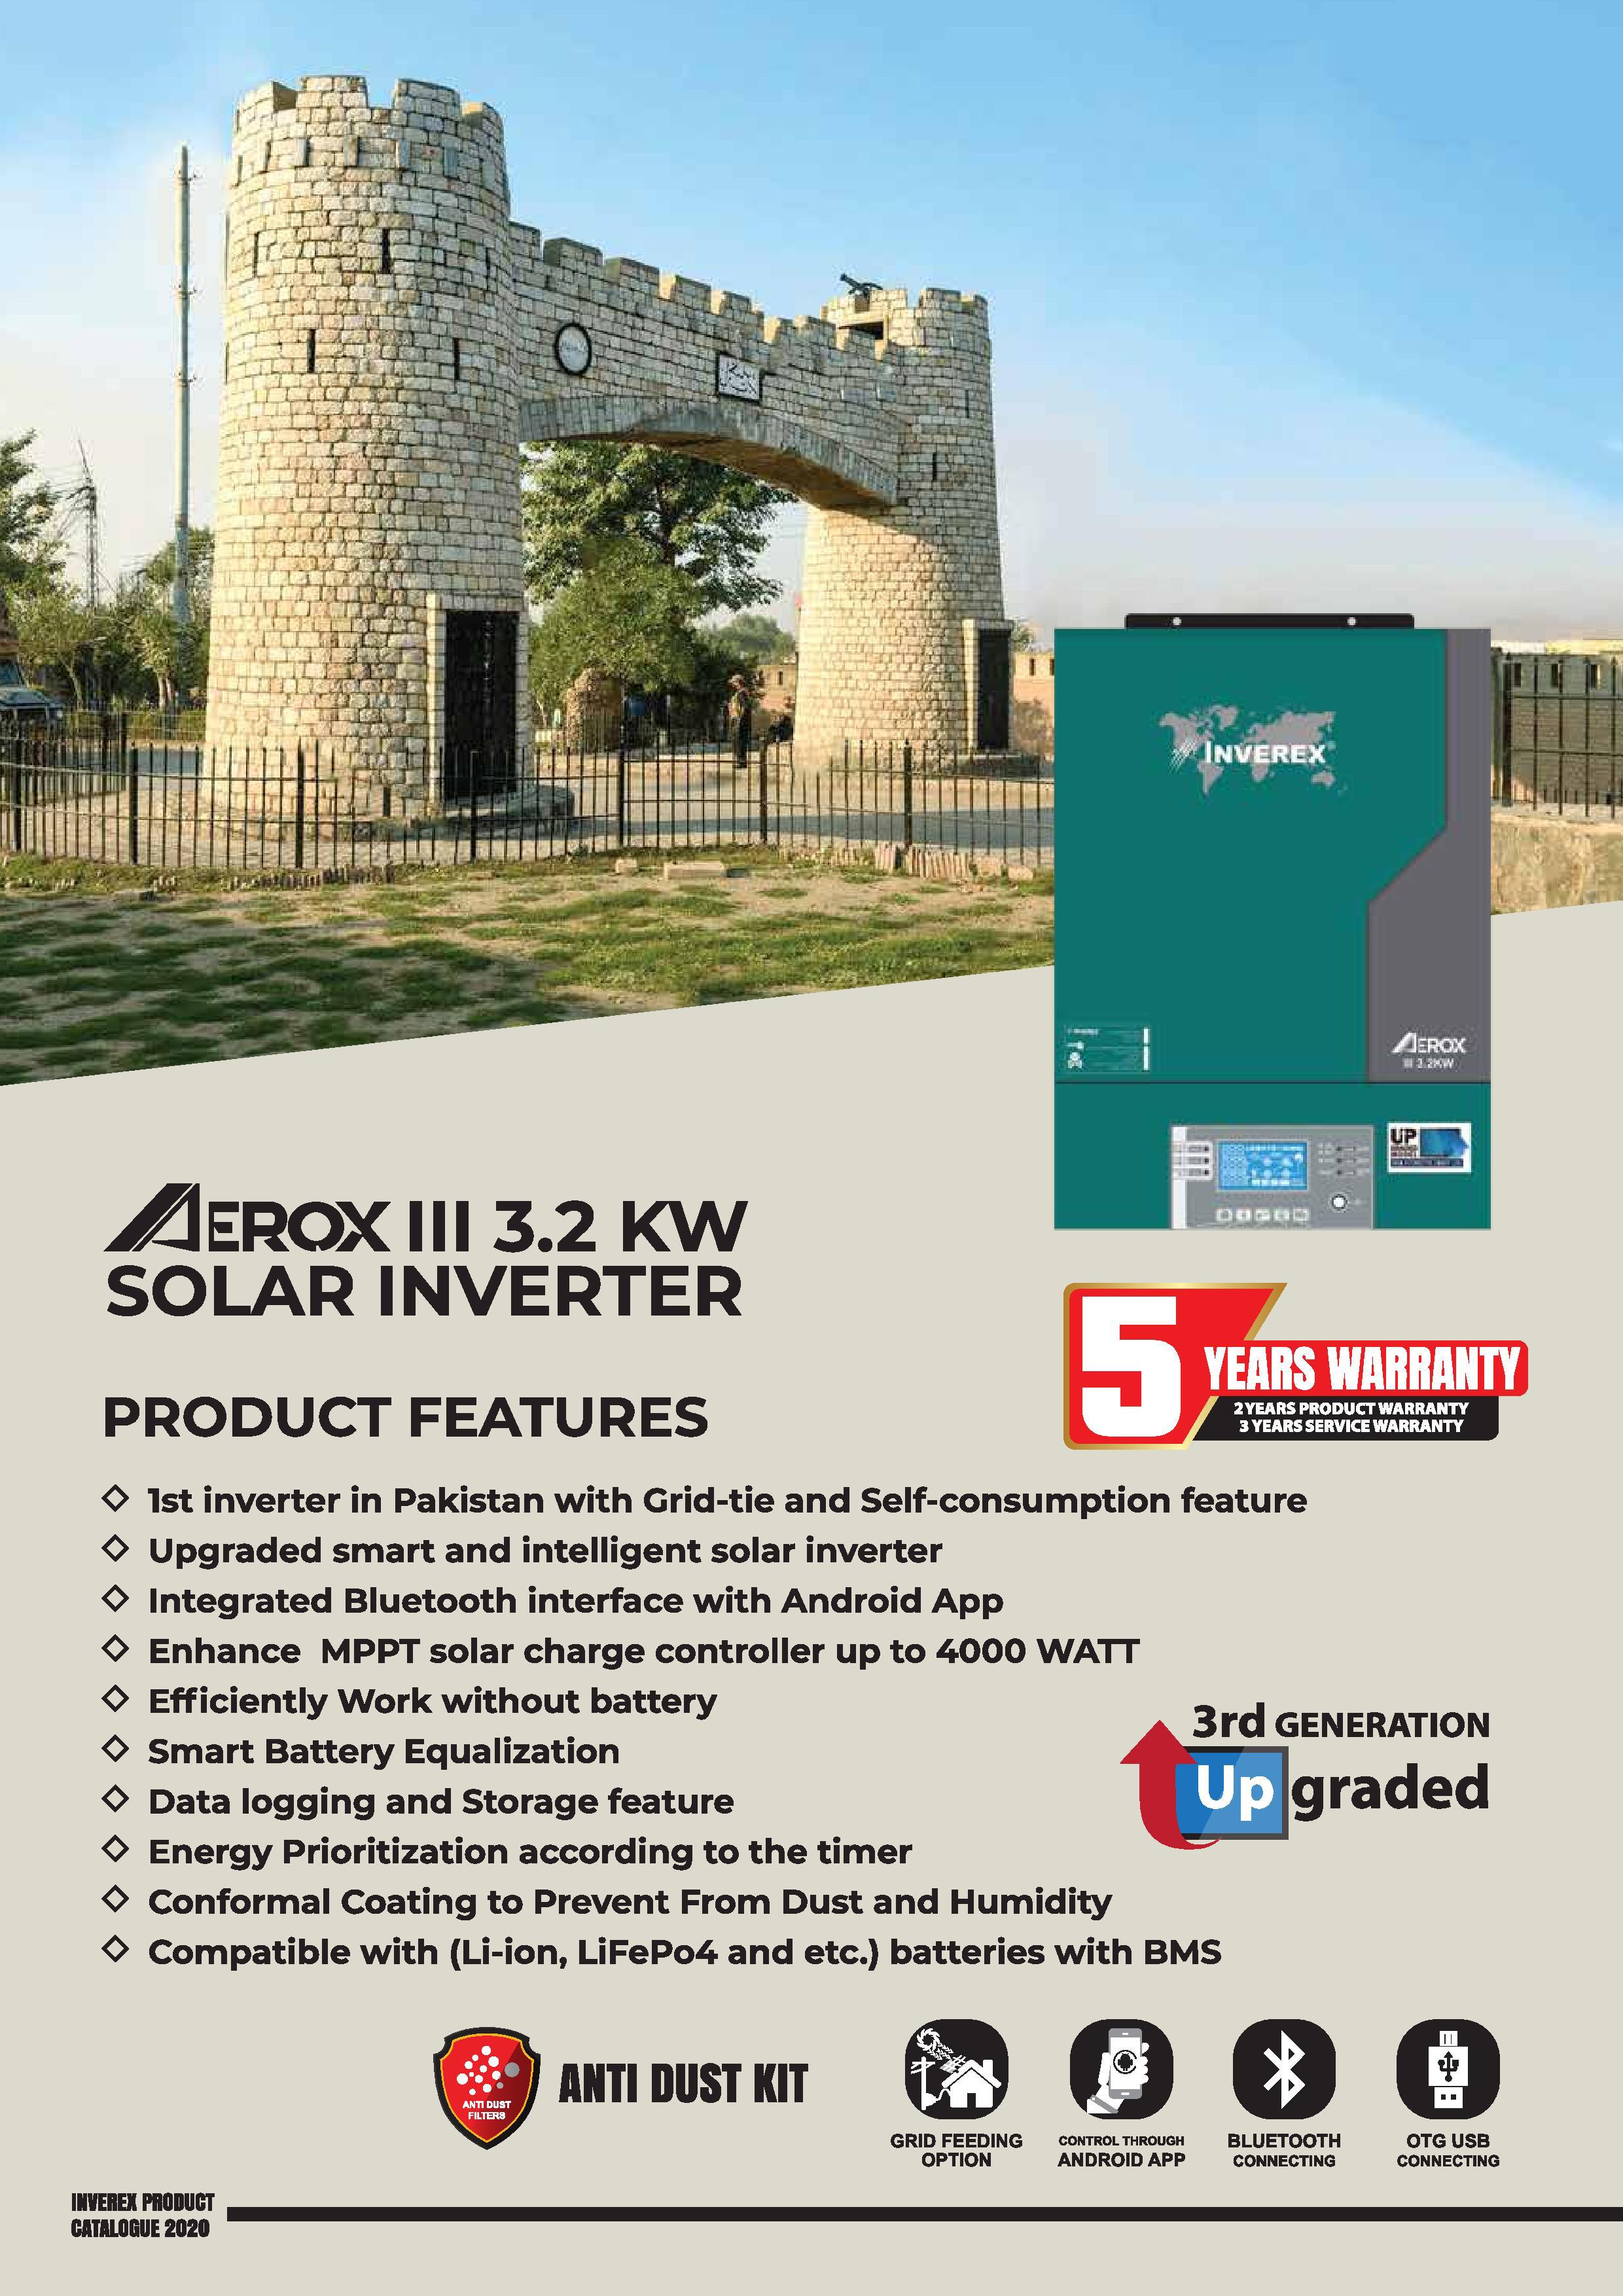 INVEREX-AEROX-iii-3.2-KW-details